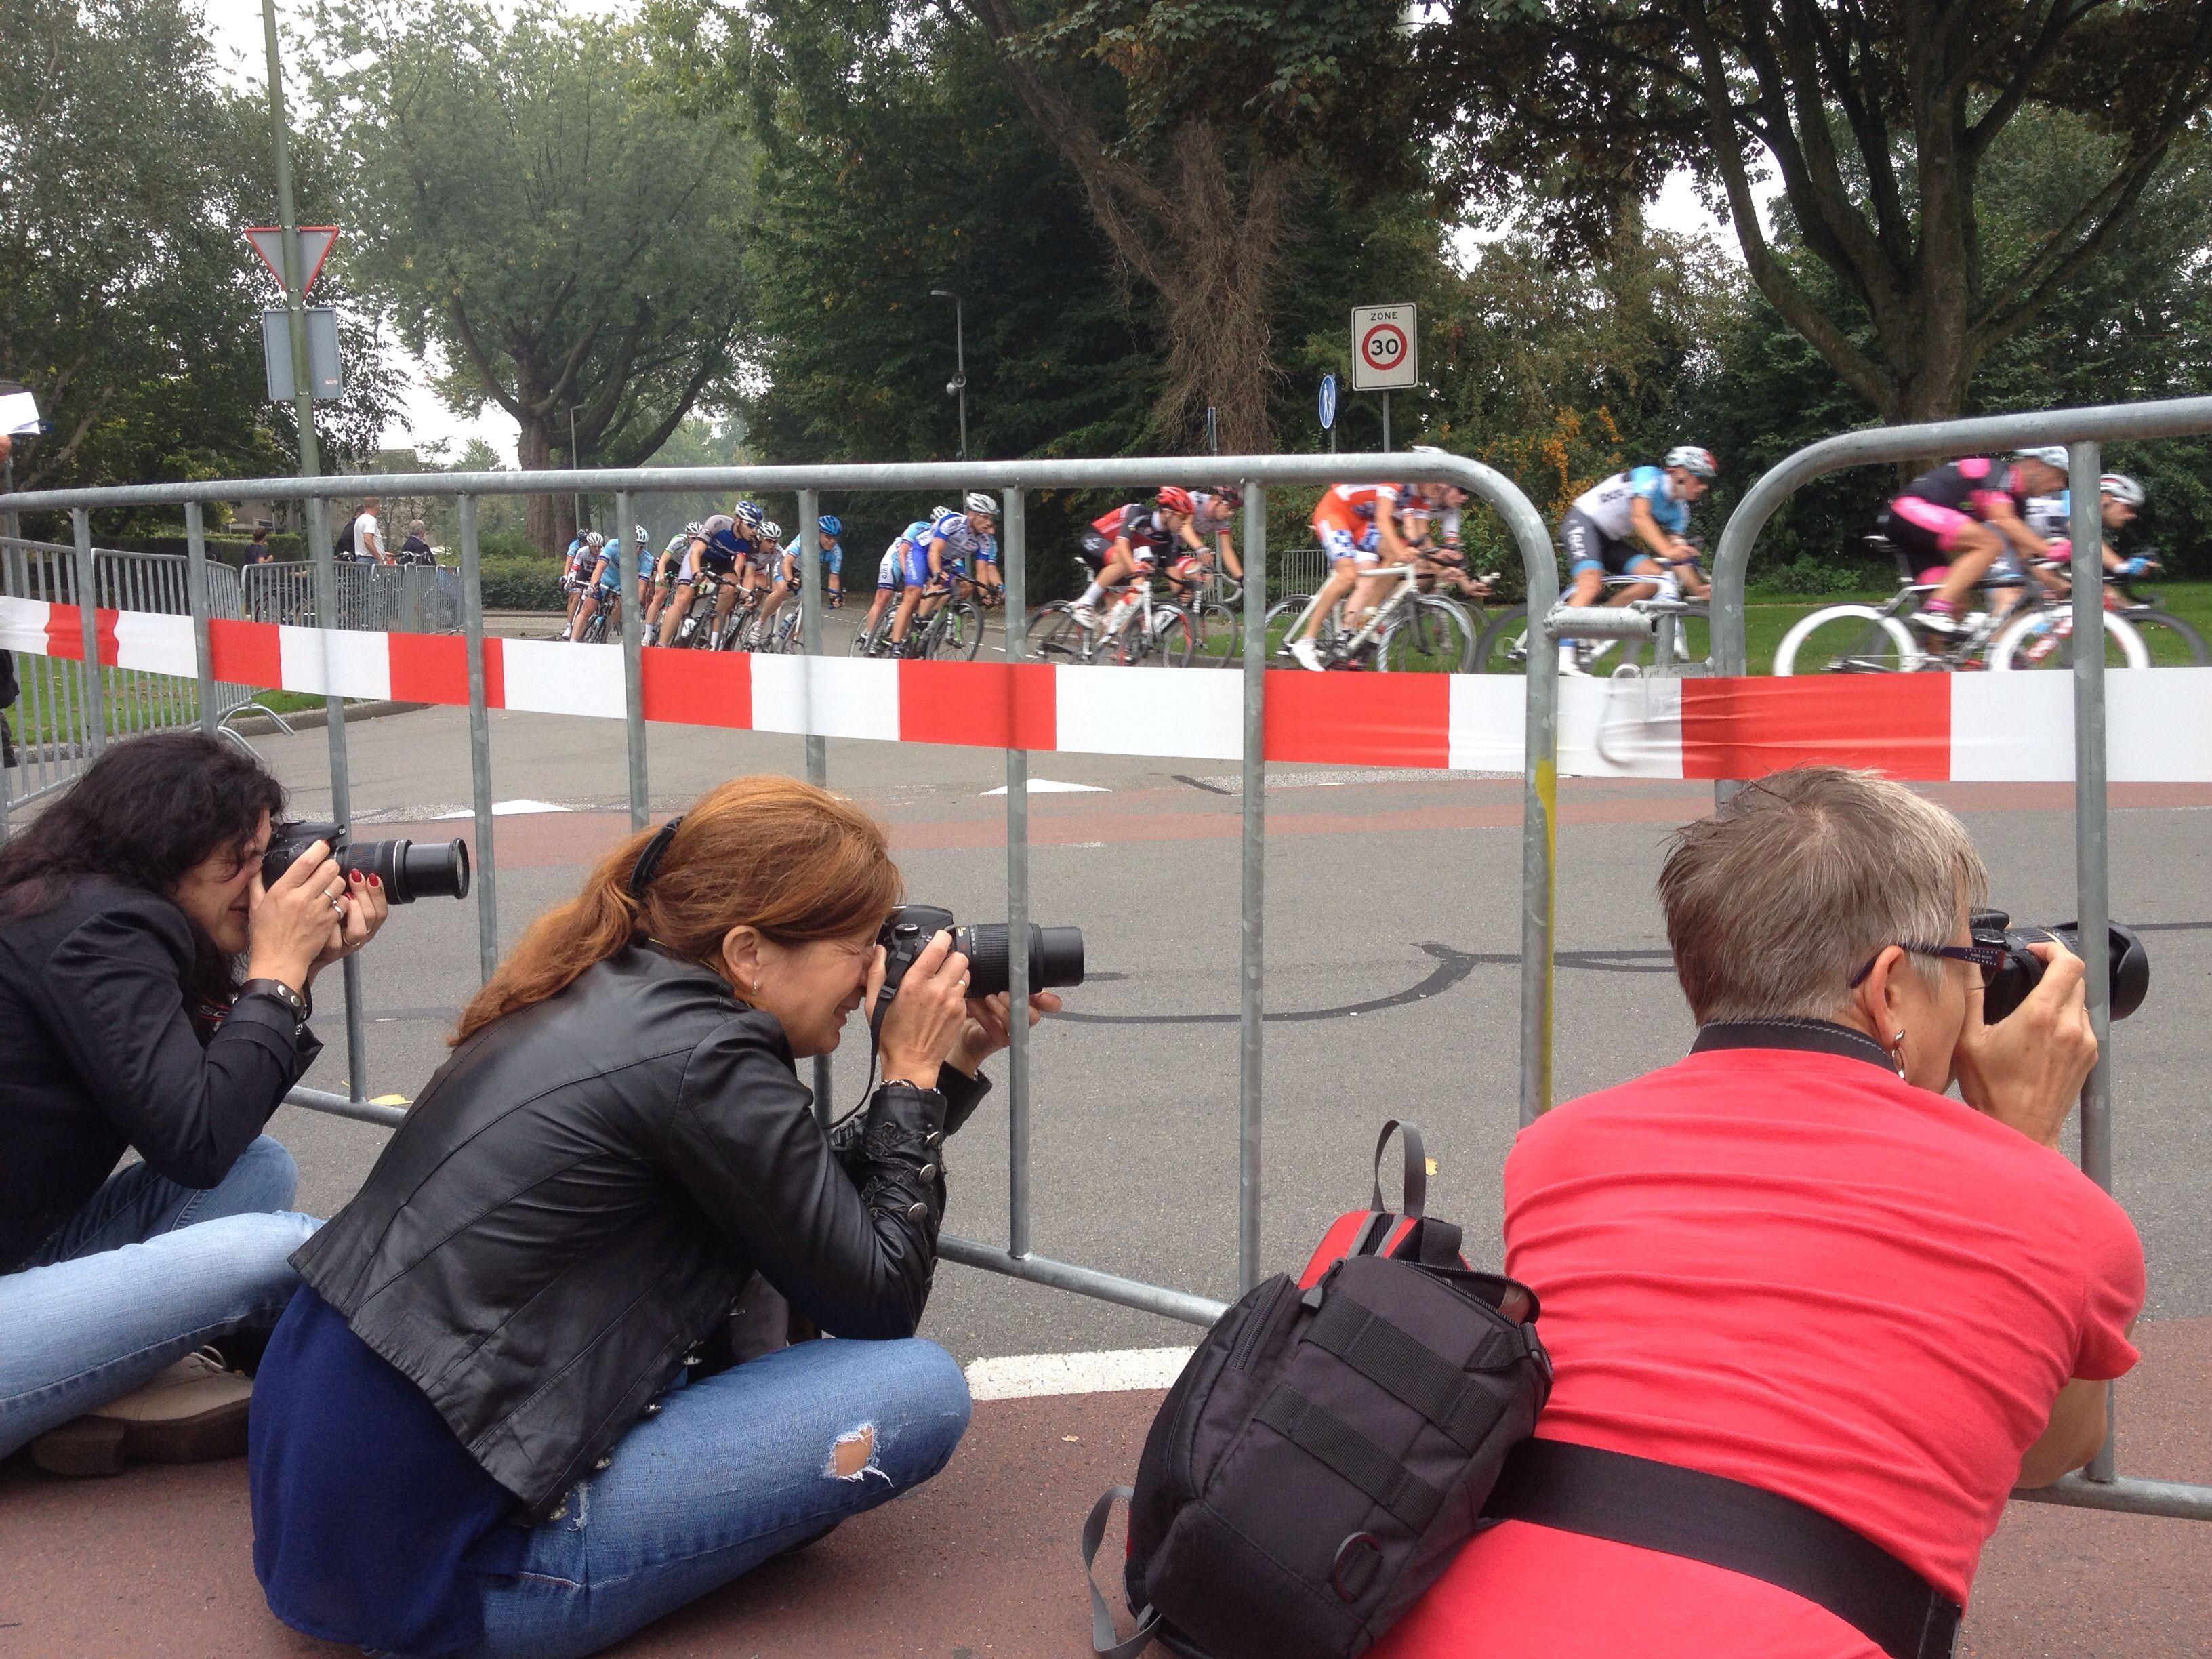 Fotowandeling bij de wielerronde van Dubbeldam. Snelheid vastleggen op verschillende manieren.